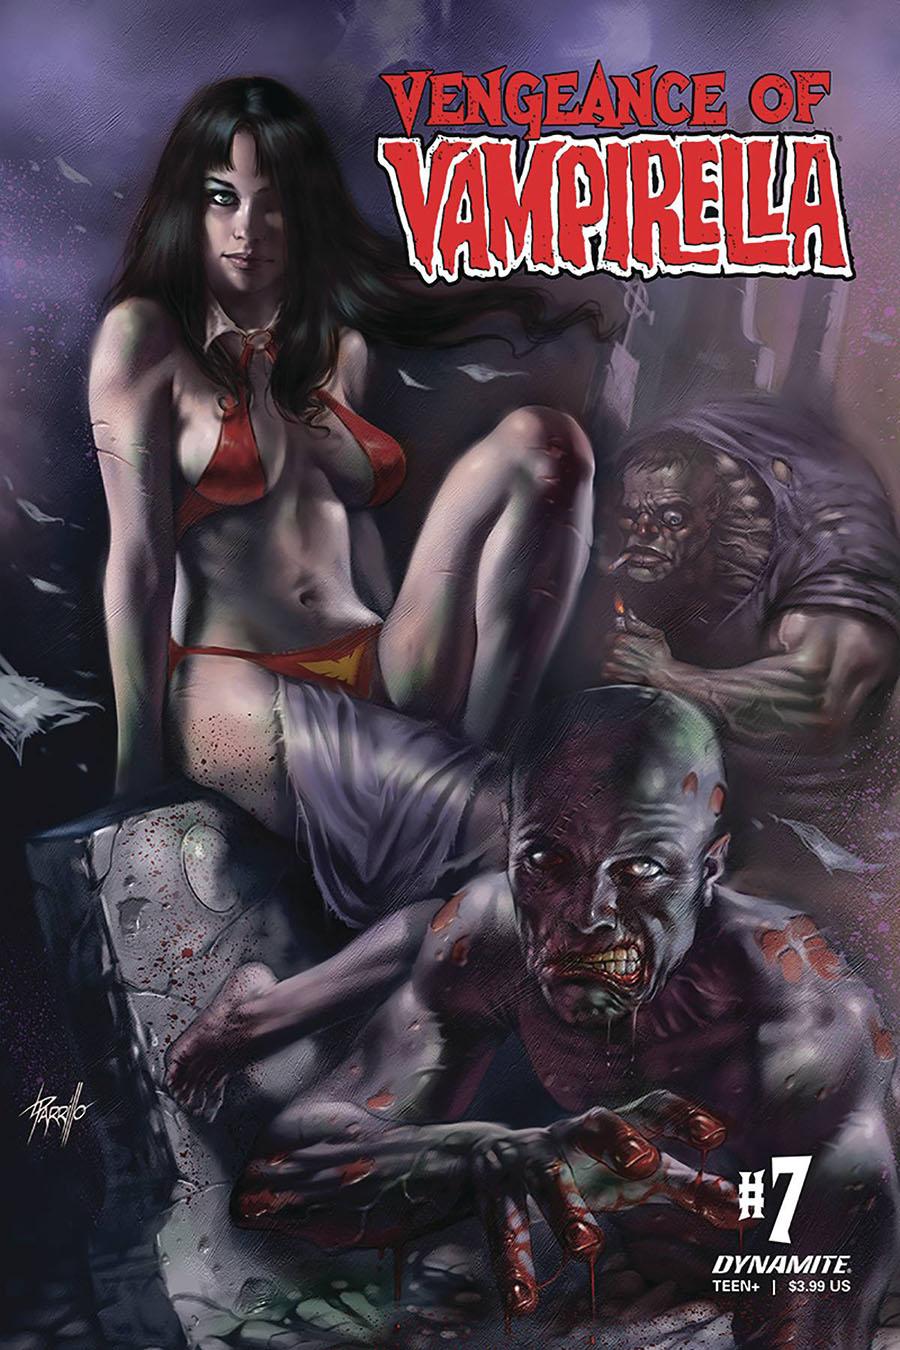 Vengeance Of Vampirella Vol 2 #7 Cover A Regular Lucio Parrillo Cover